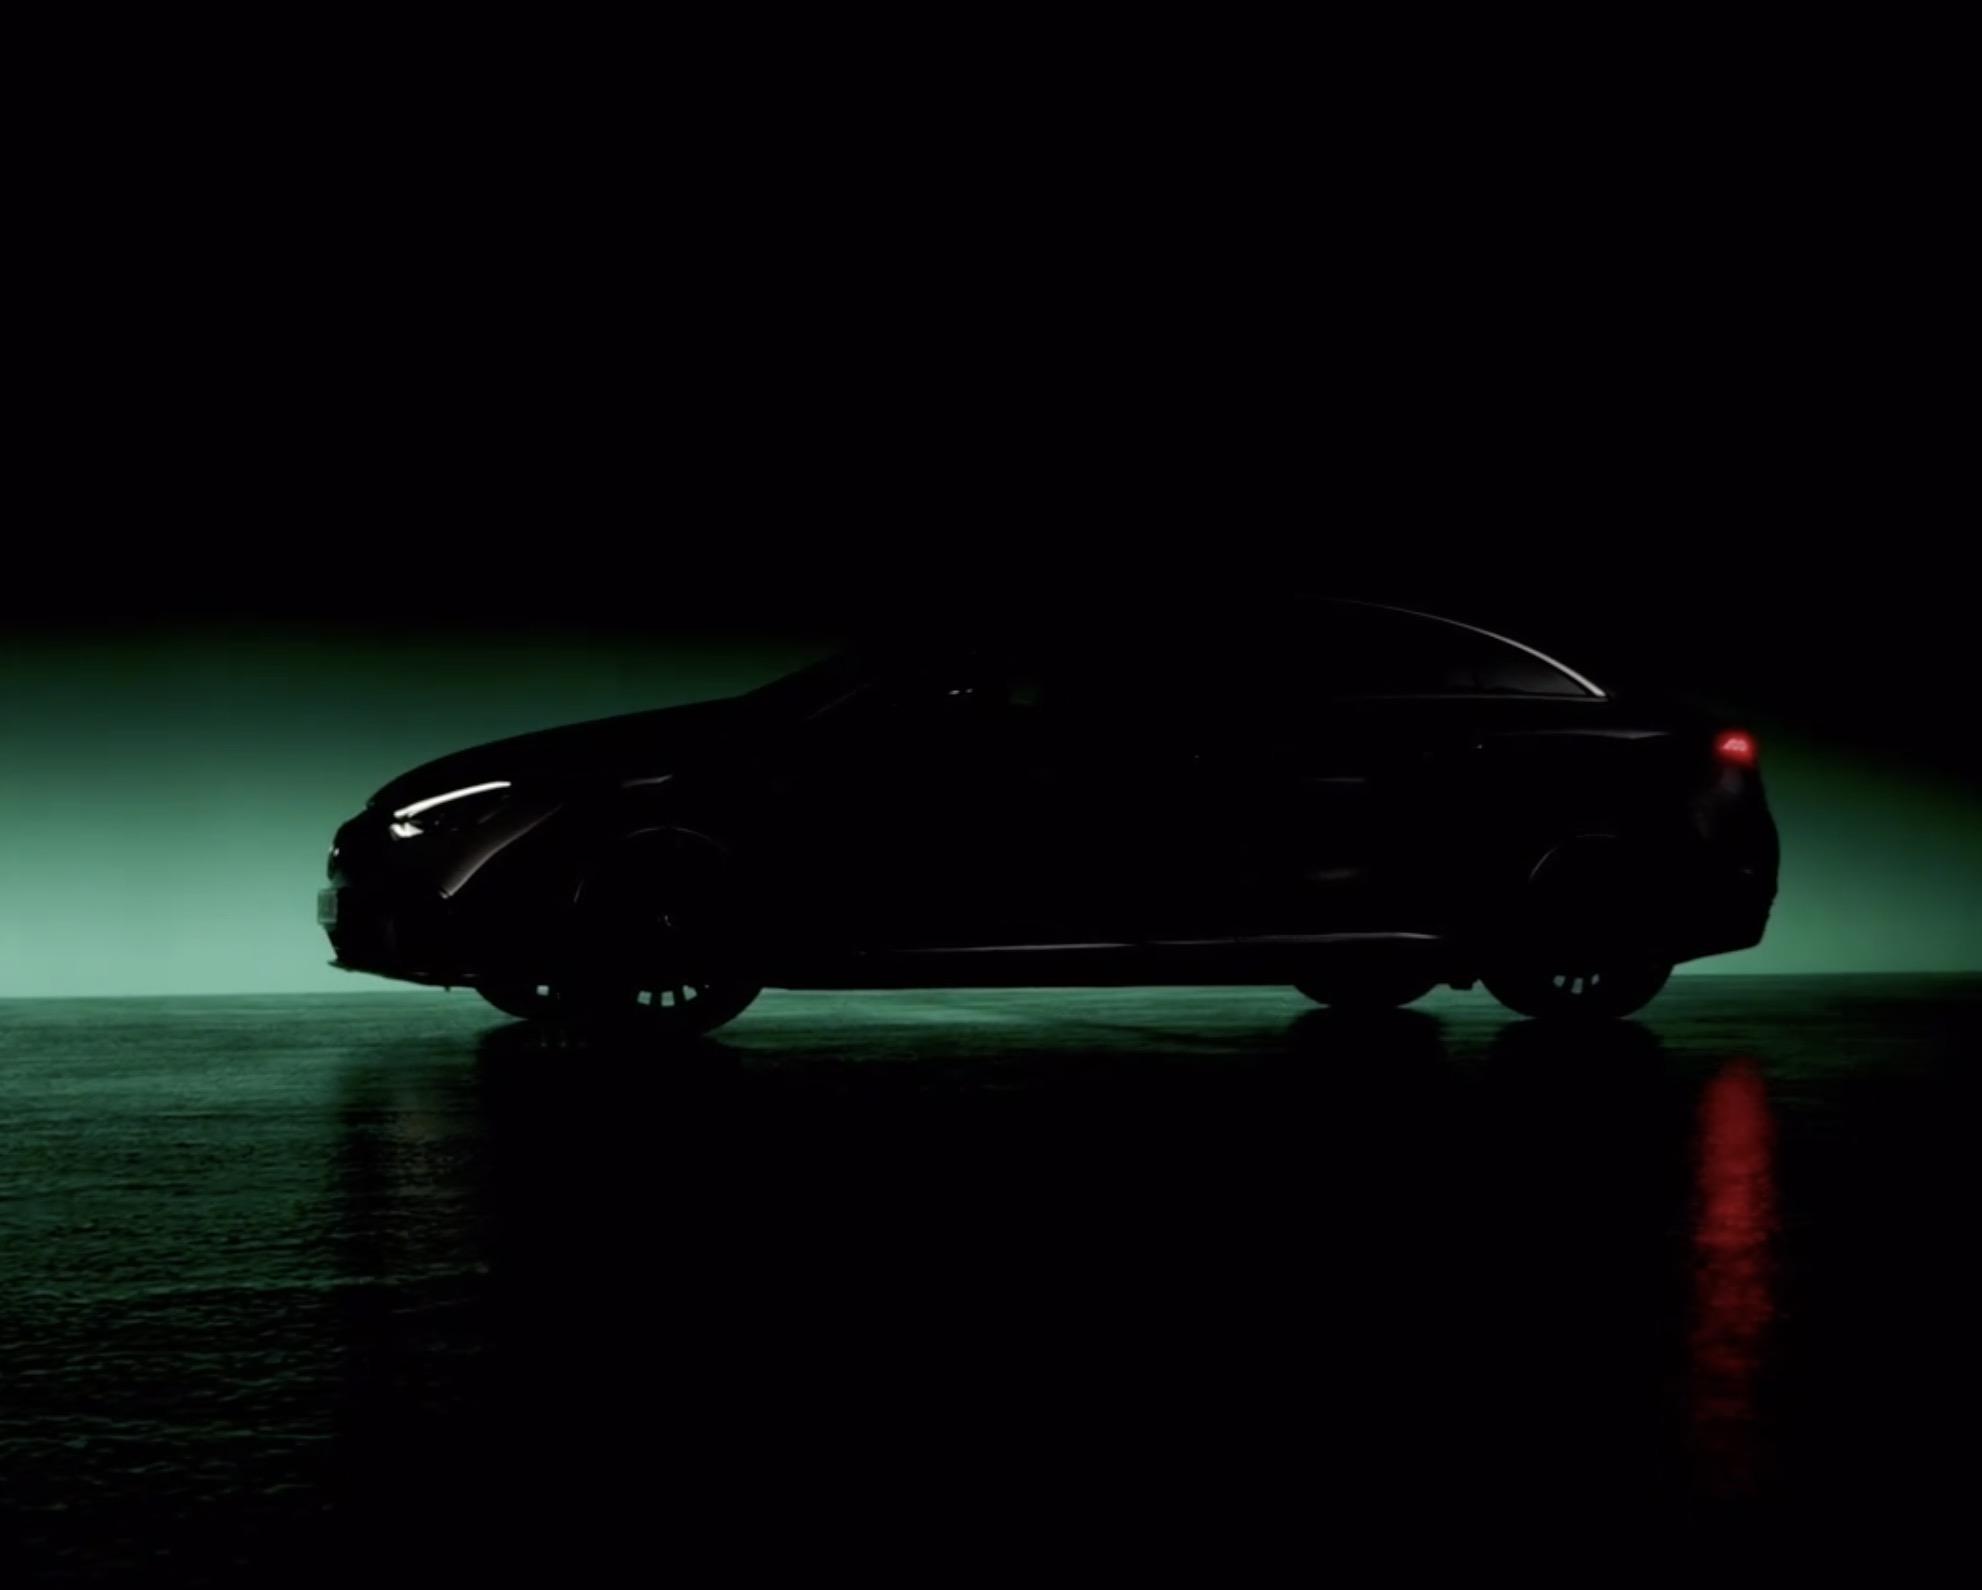 将于慕尼黑车展亮相 奔驰发布三款电动车型预告图